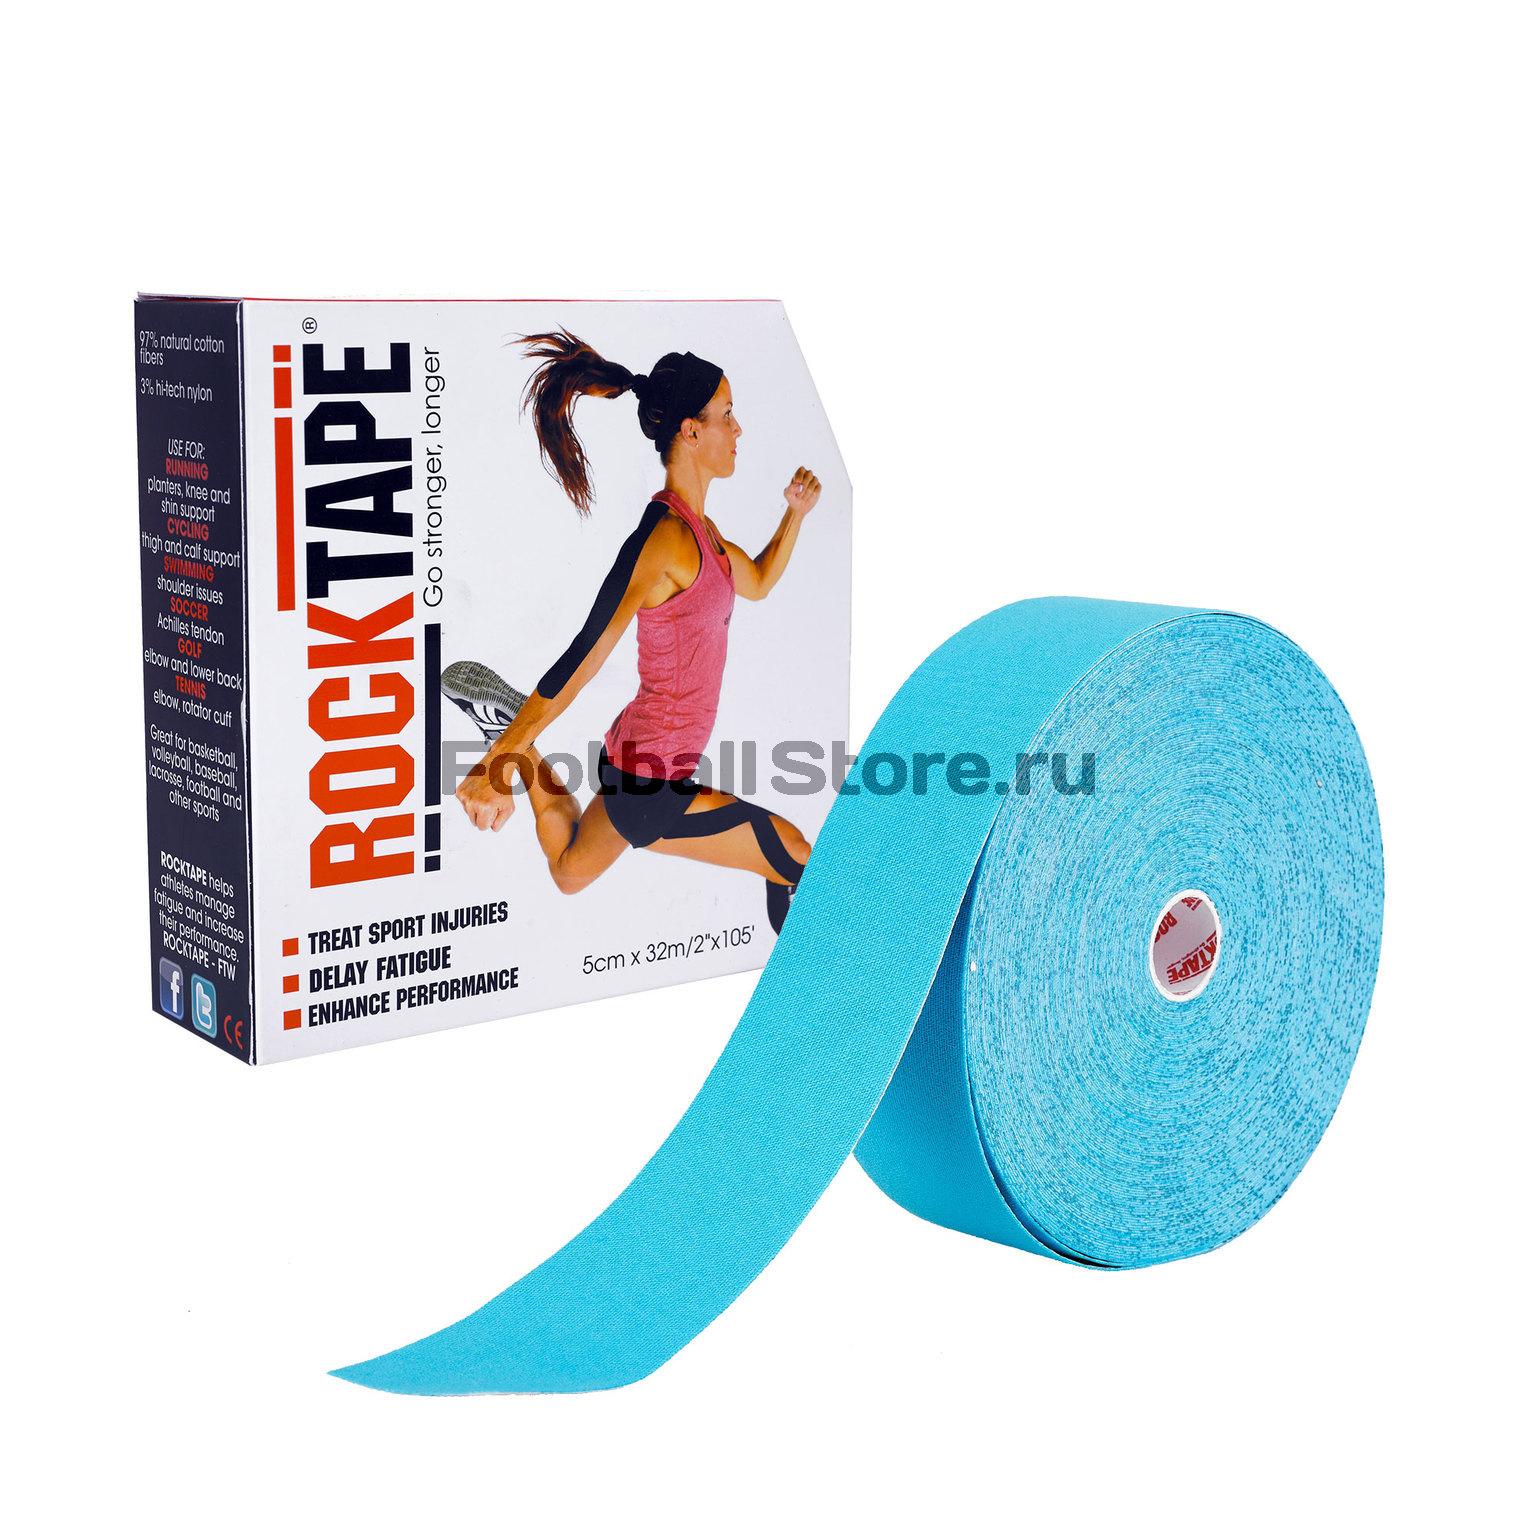 Тейп RockTape Bulk, 5см x 32м, голубой цена